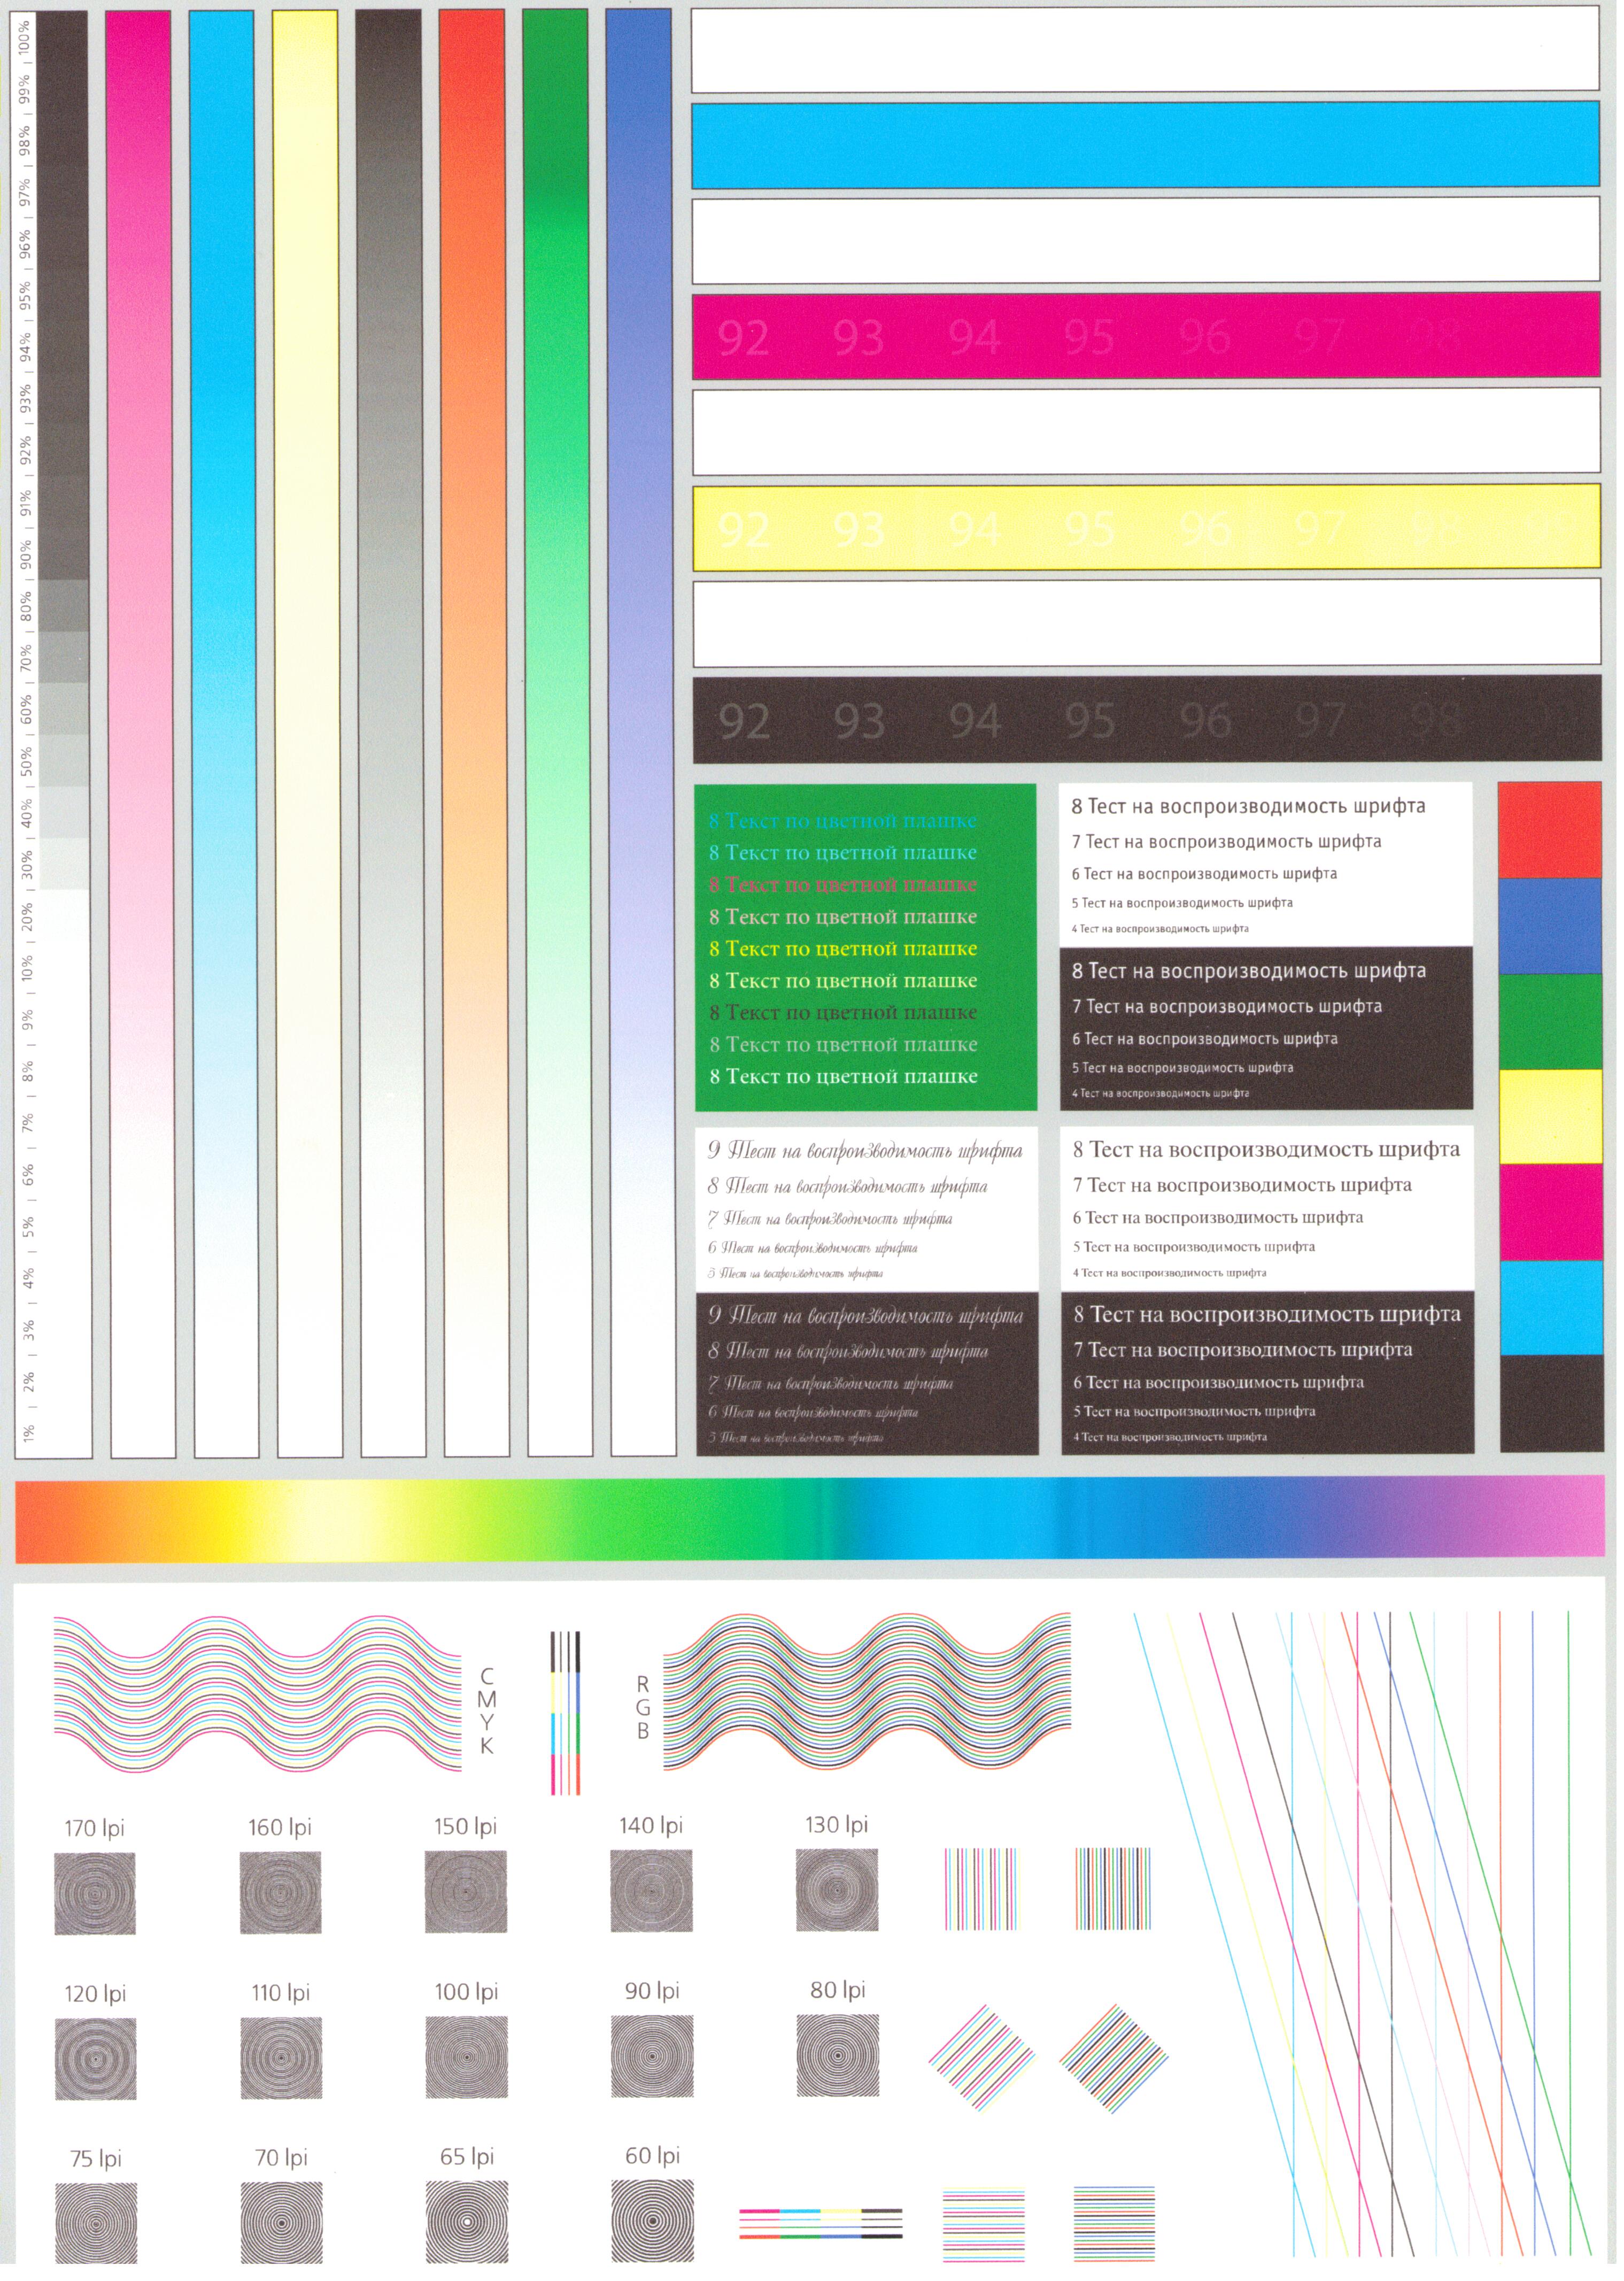 для проверки принтера картинка